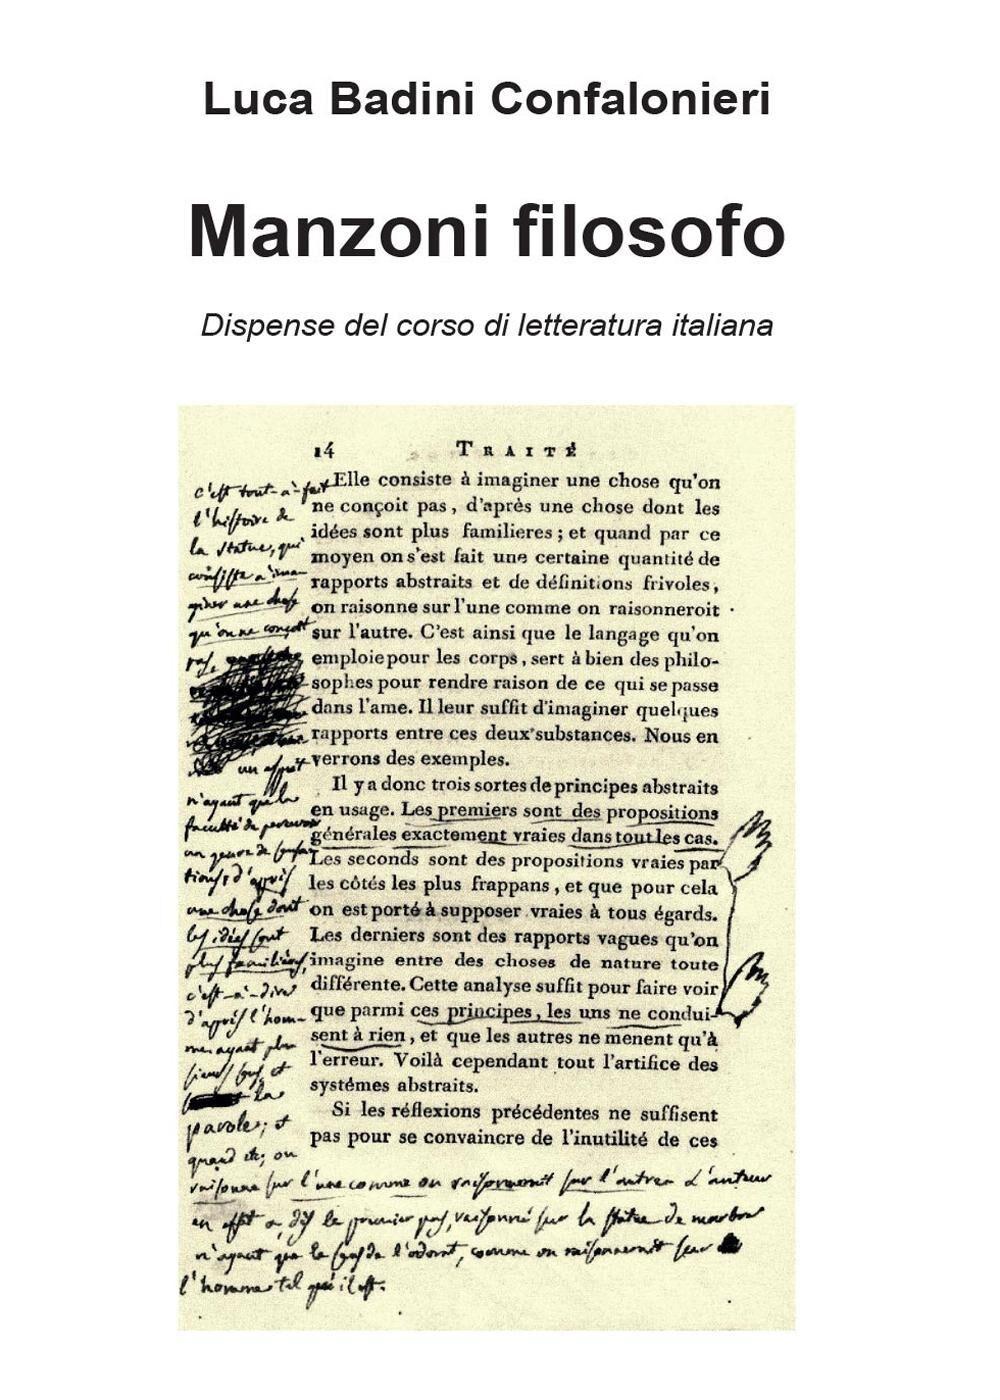 Manzoni filosofo. Dispense del corso di letteratura italiana